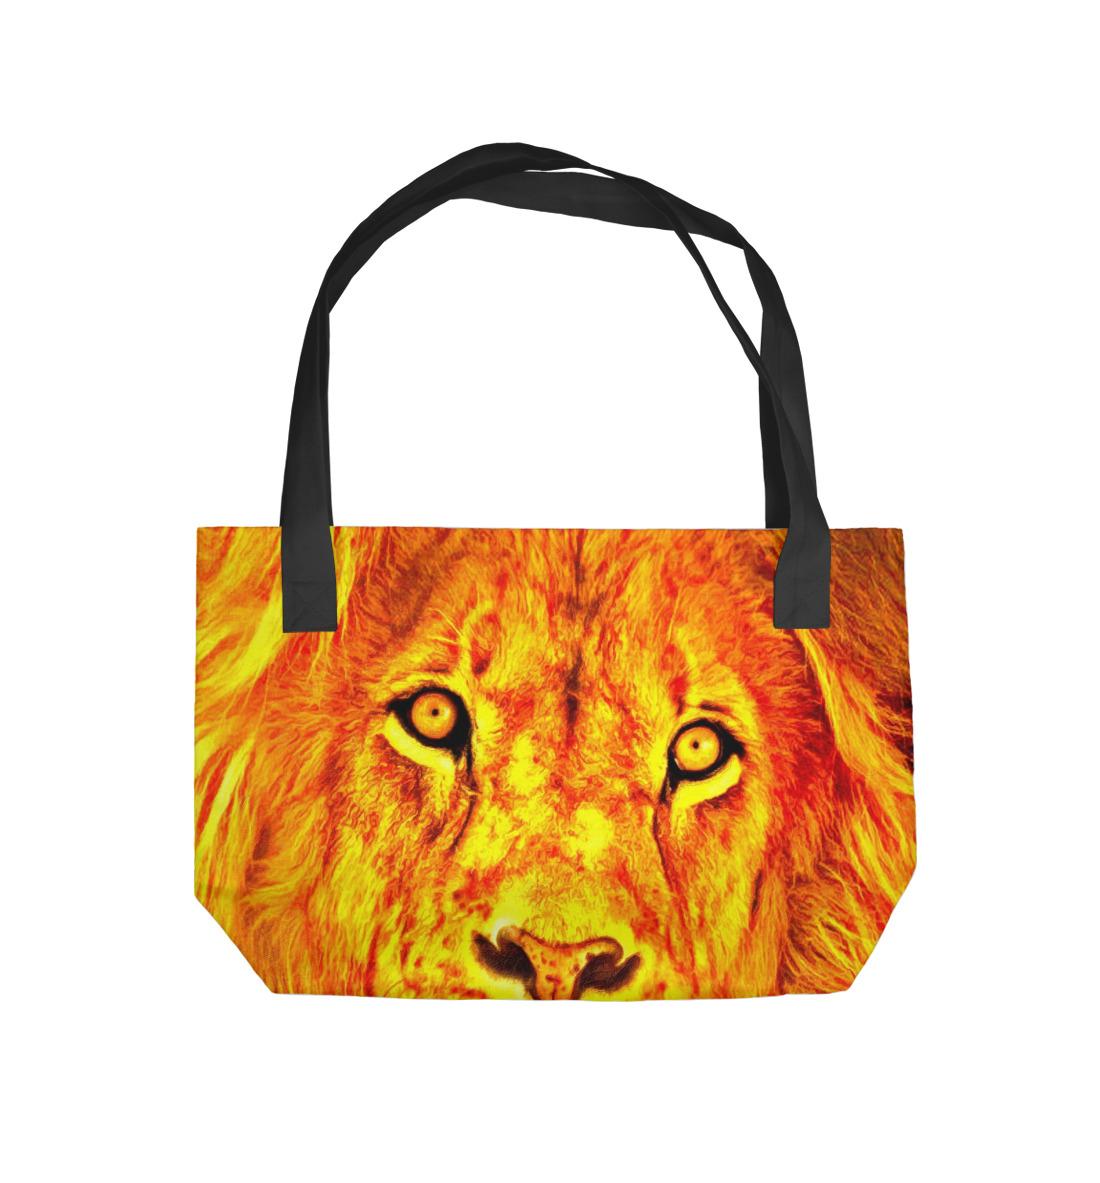 Фото - Огненный лев огненный